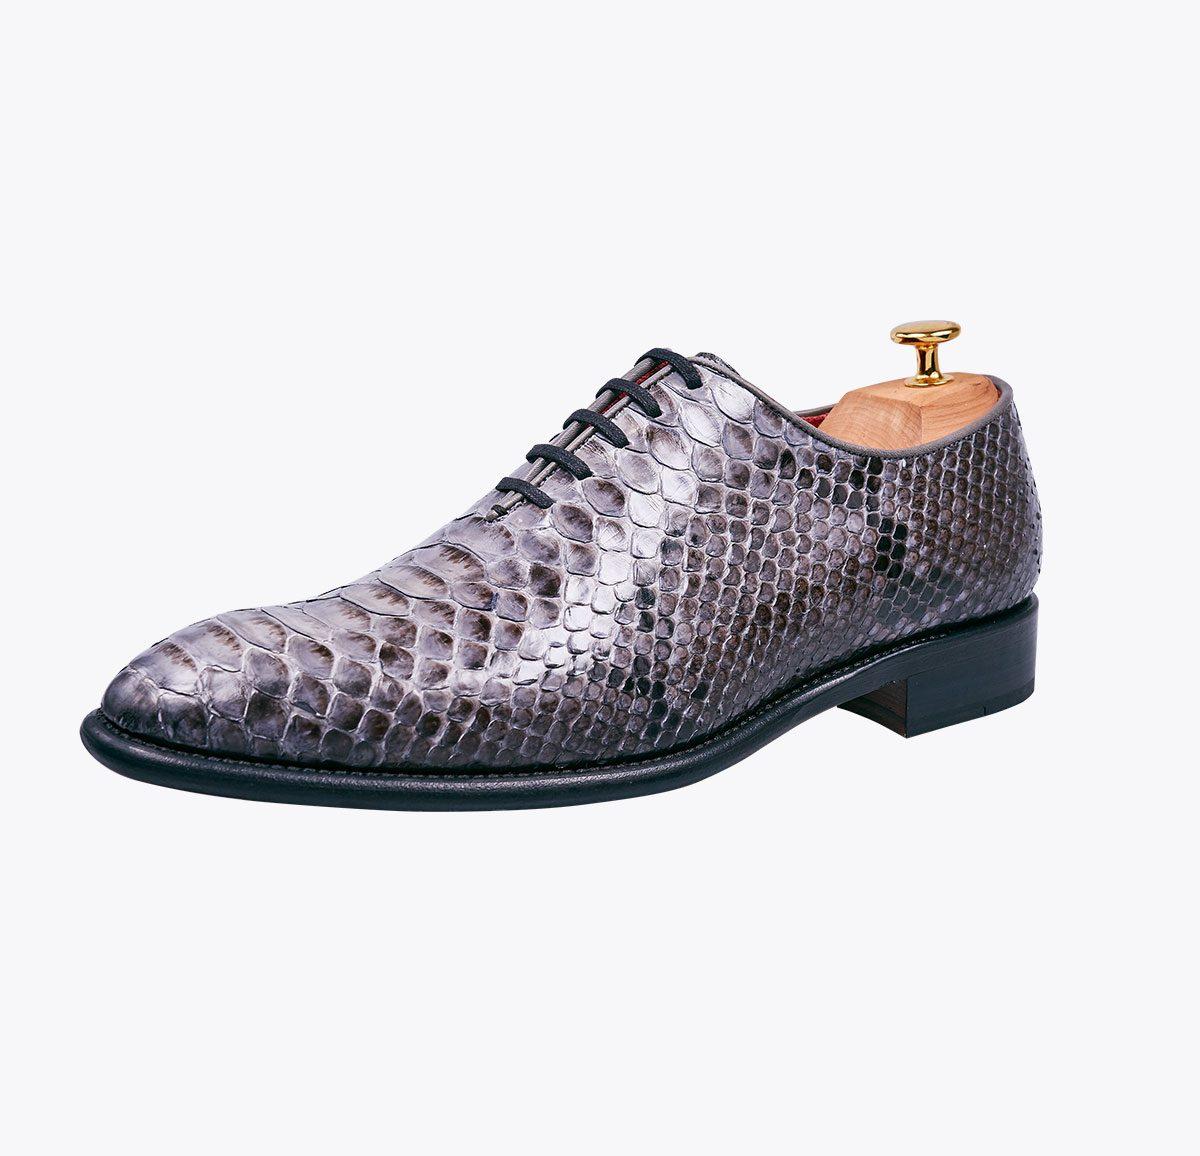 Zapato 0065 gris perla pitón hecho a mano en mandalashoes, Santanyí Mallorca. Hand made shoes. Nach Mass Schuhe